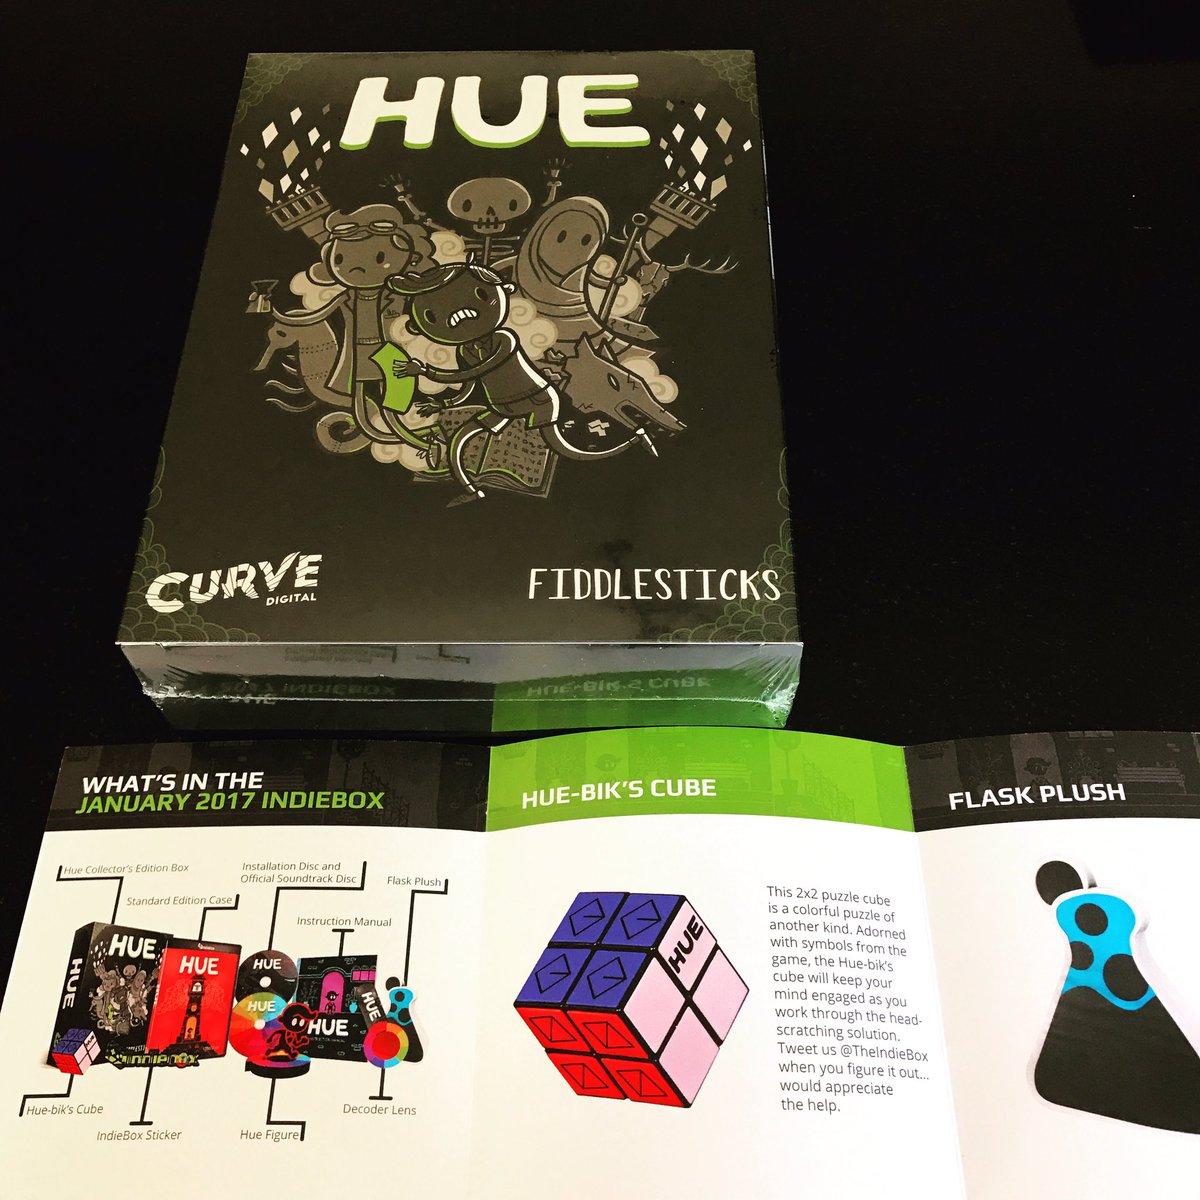 #Enfin ! Notre @TheIndieBox du mois de janvier ! Avec le jeu #hue en Edition #Collector ! #indiedev #indiegames #indie @CurveDigital<br>http://pic.twitter.com/PZQQuy4hIo